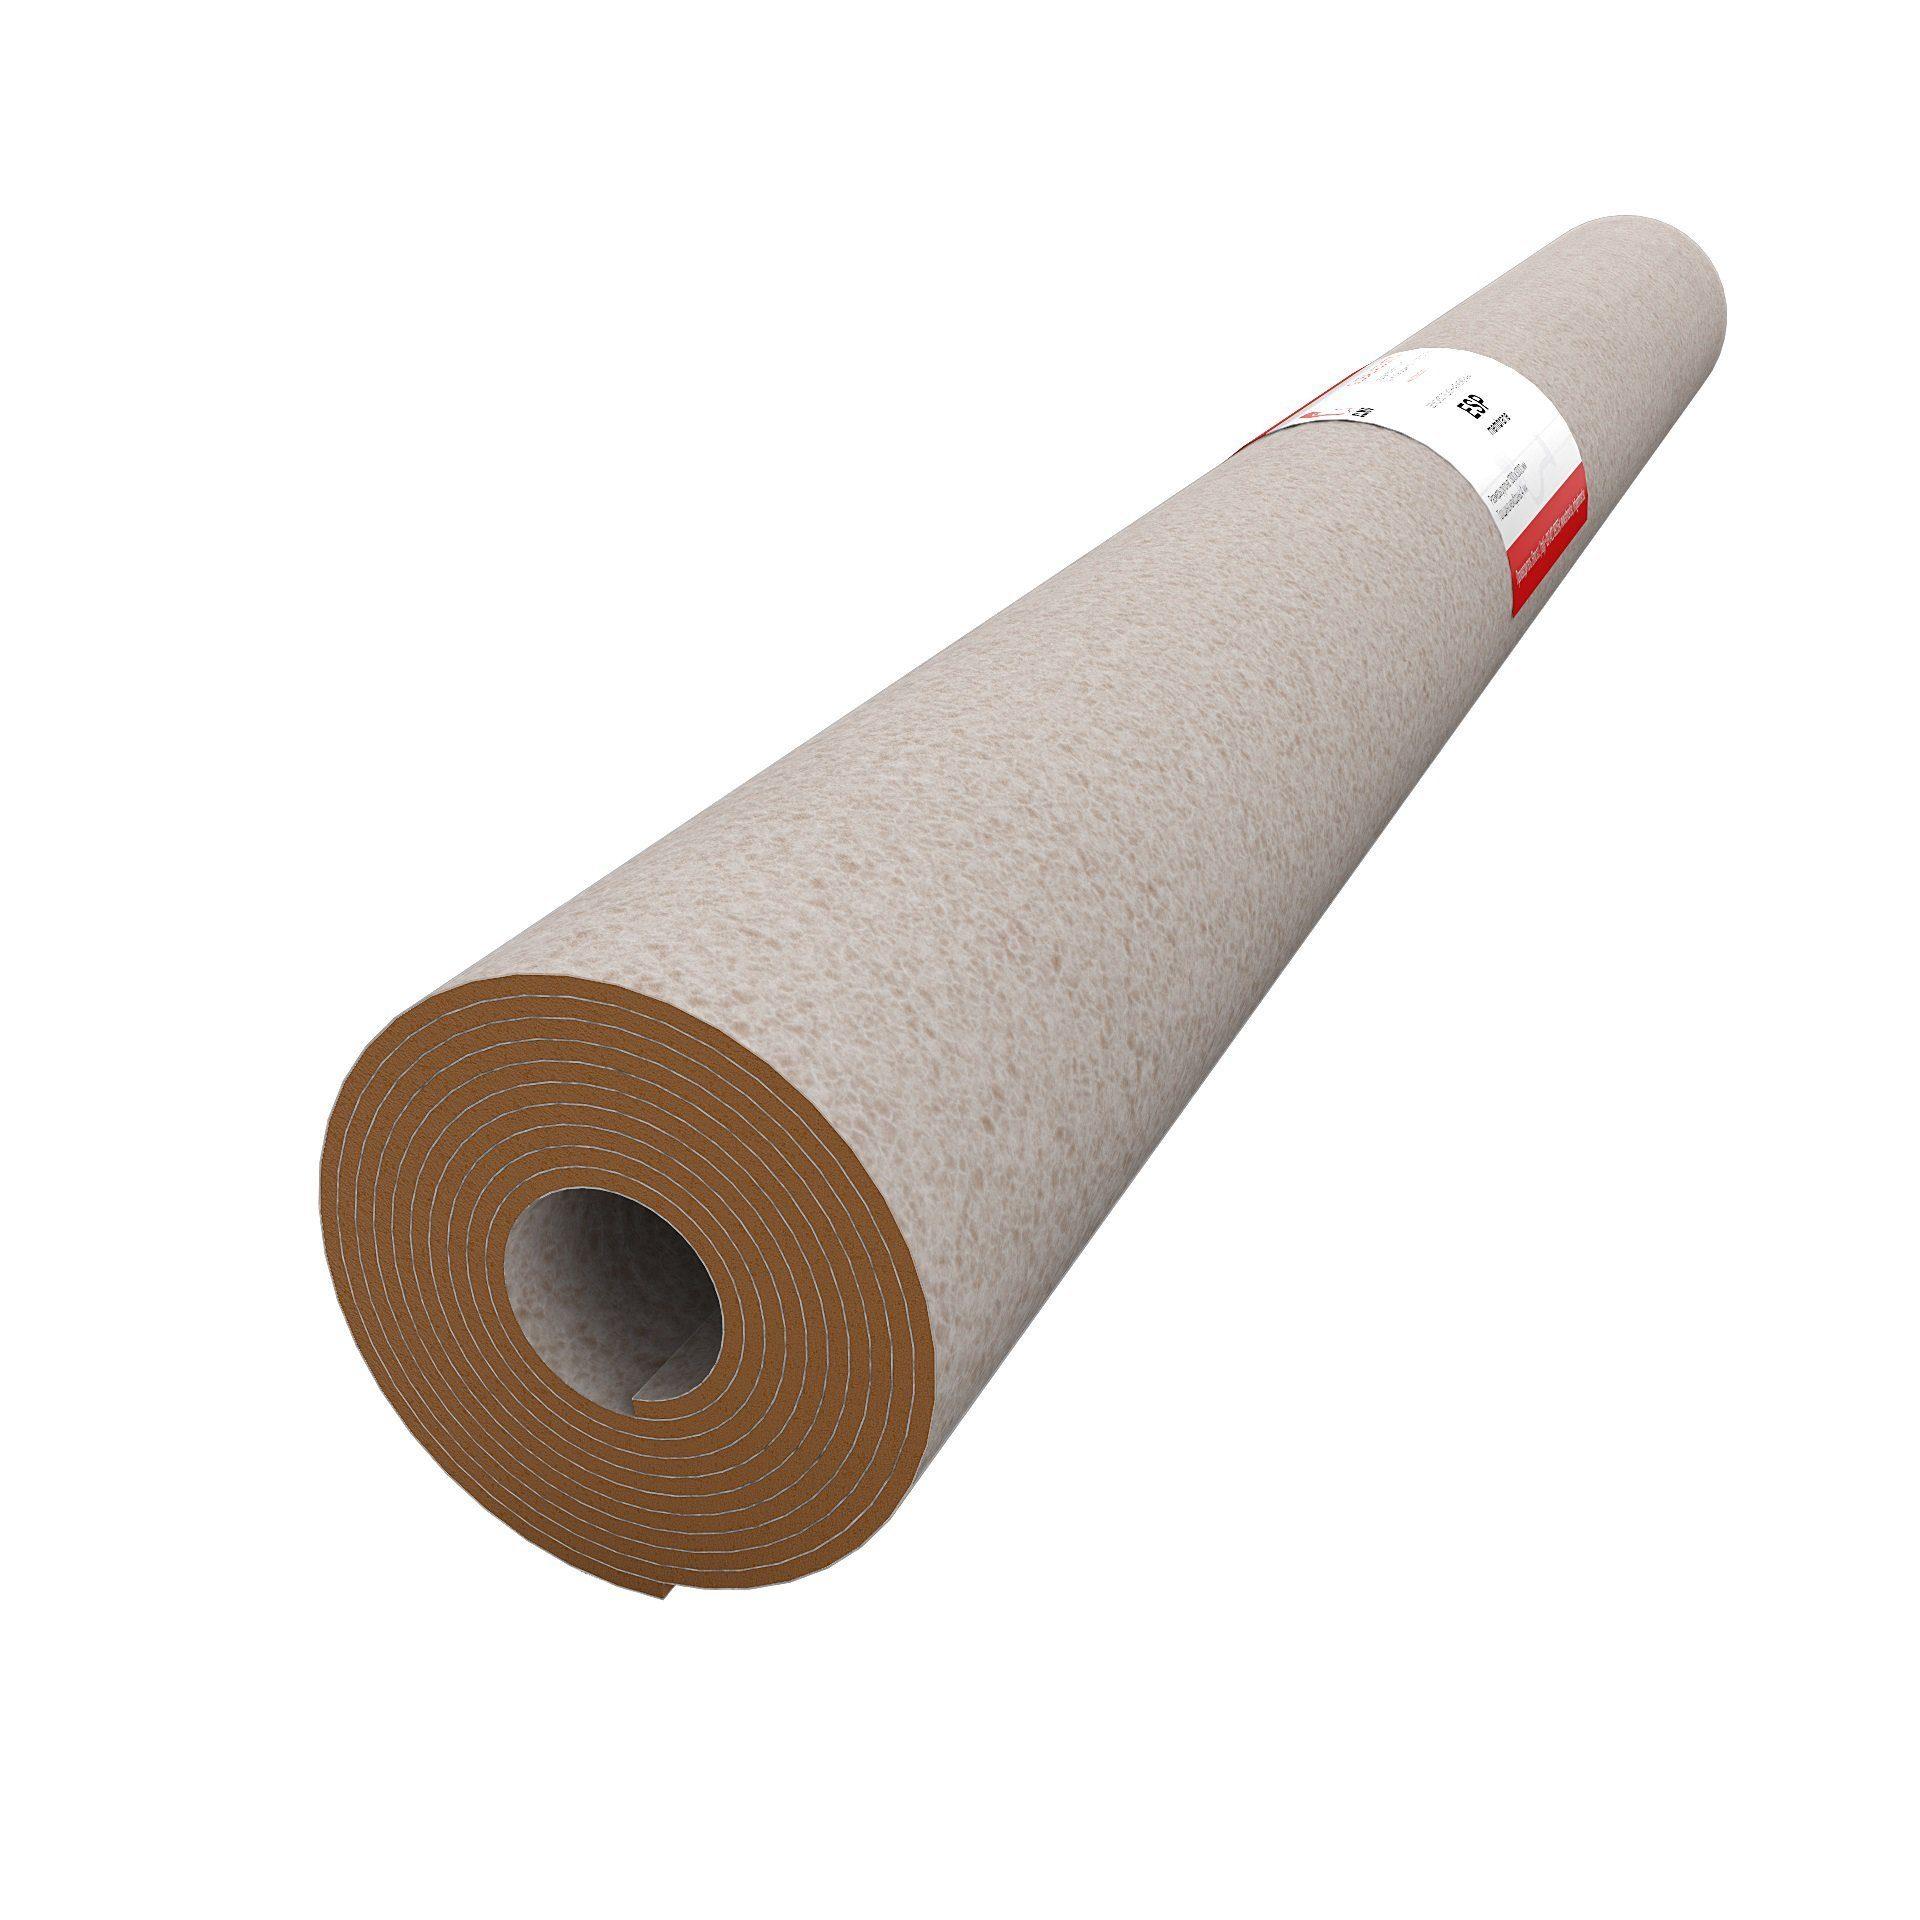 ESP membrane 40дБ тонкая звукоизоляционная мембрана, 4мм